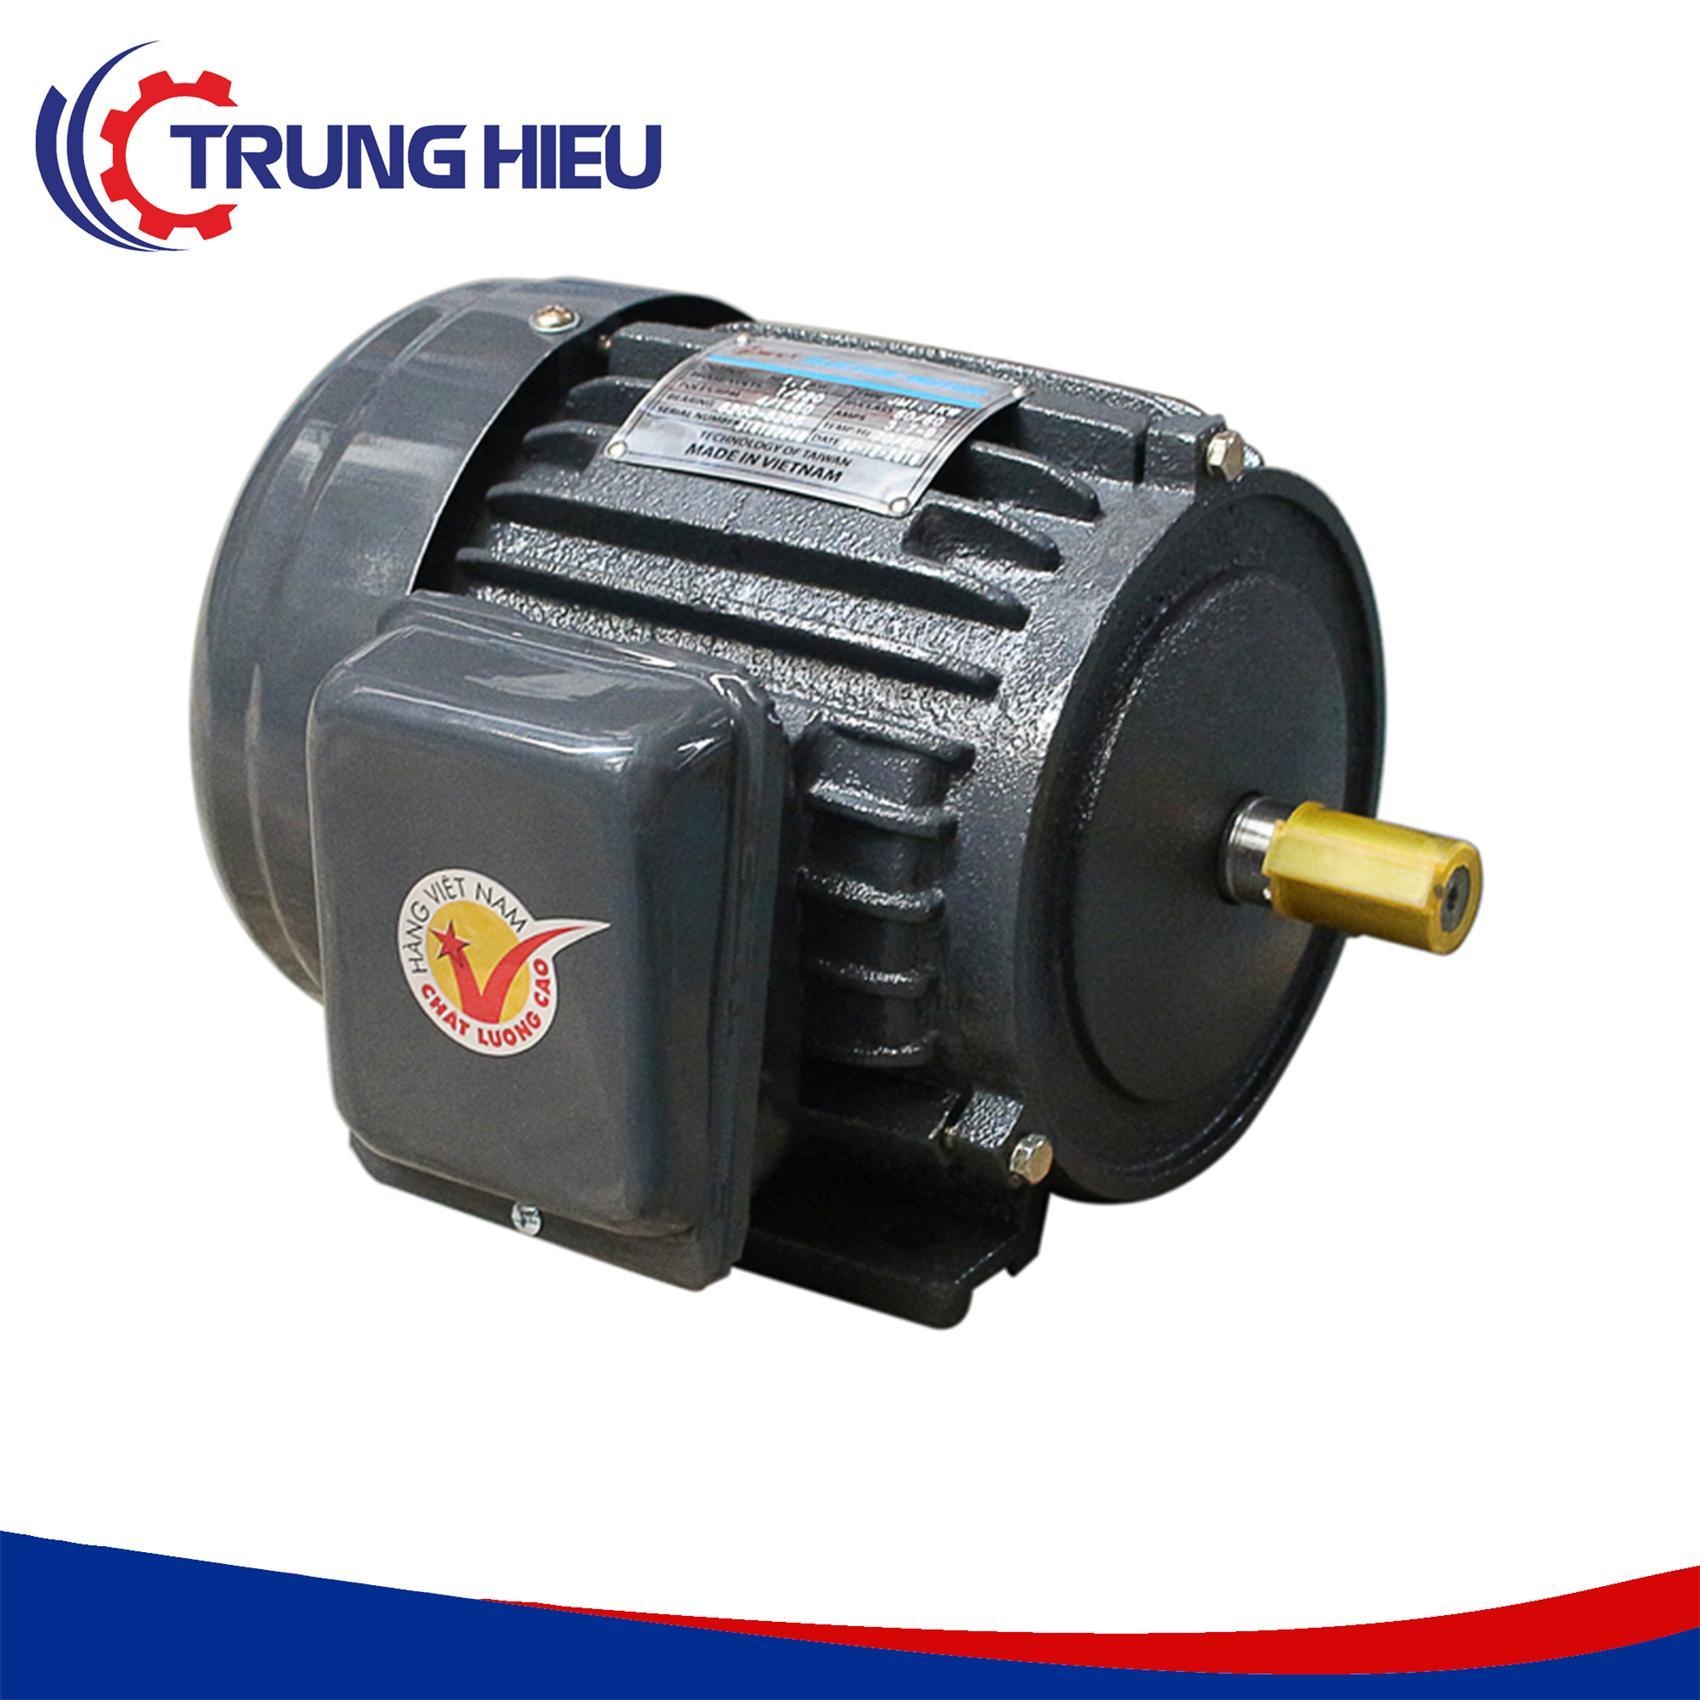 Motor vỏ gang chân đế Hồng Ký HKM314 3HP 220V 1450v/p